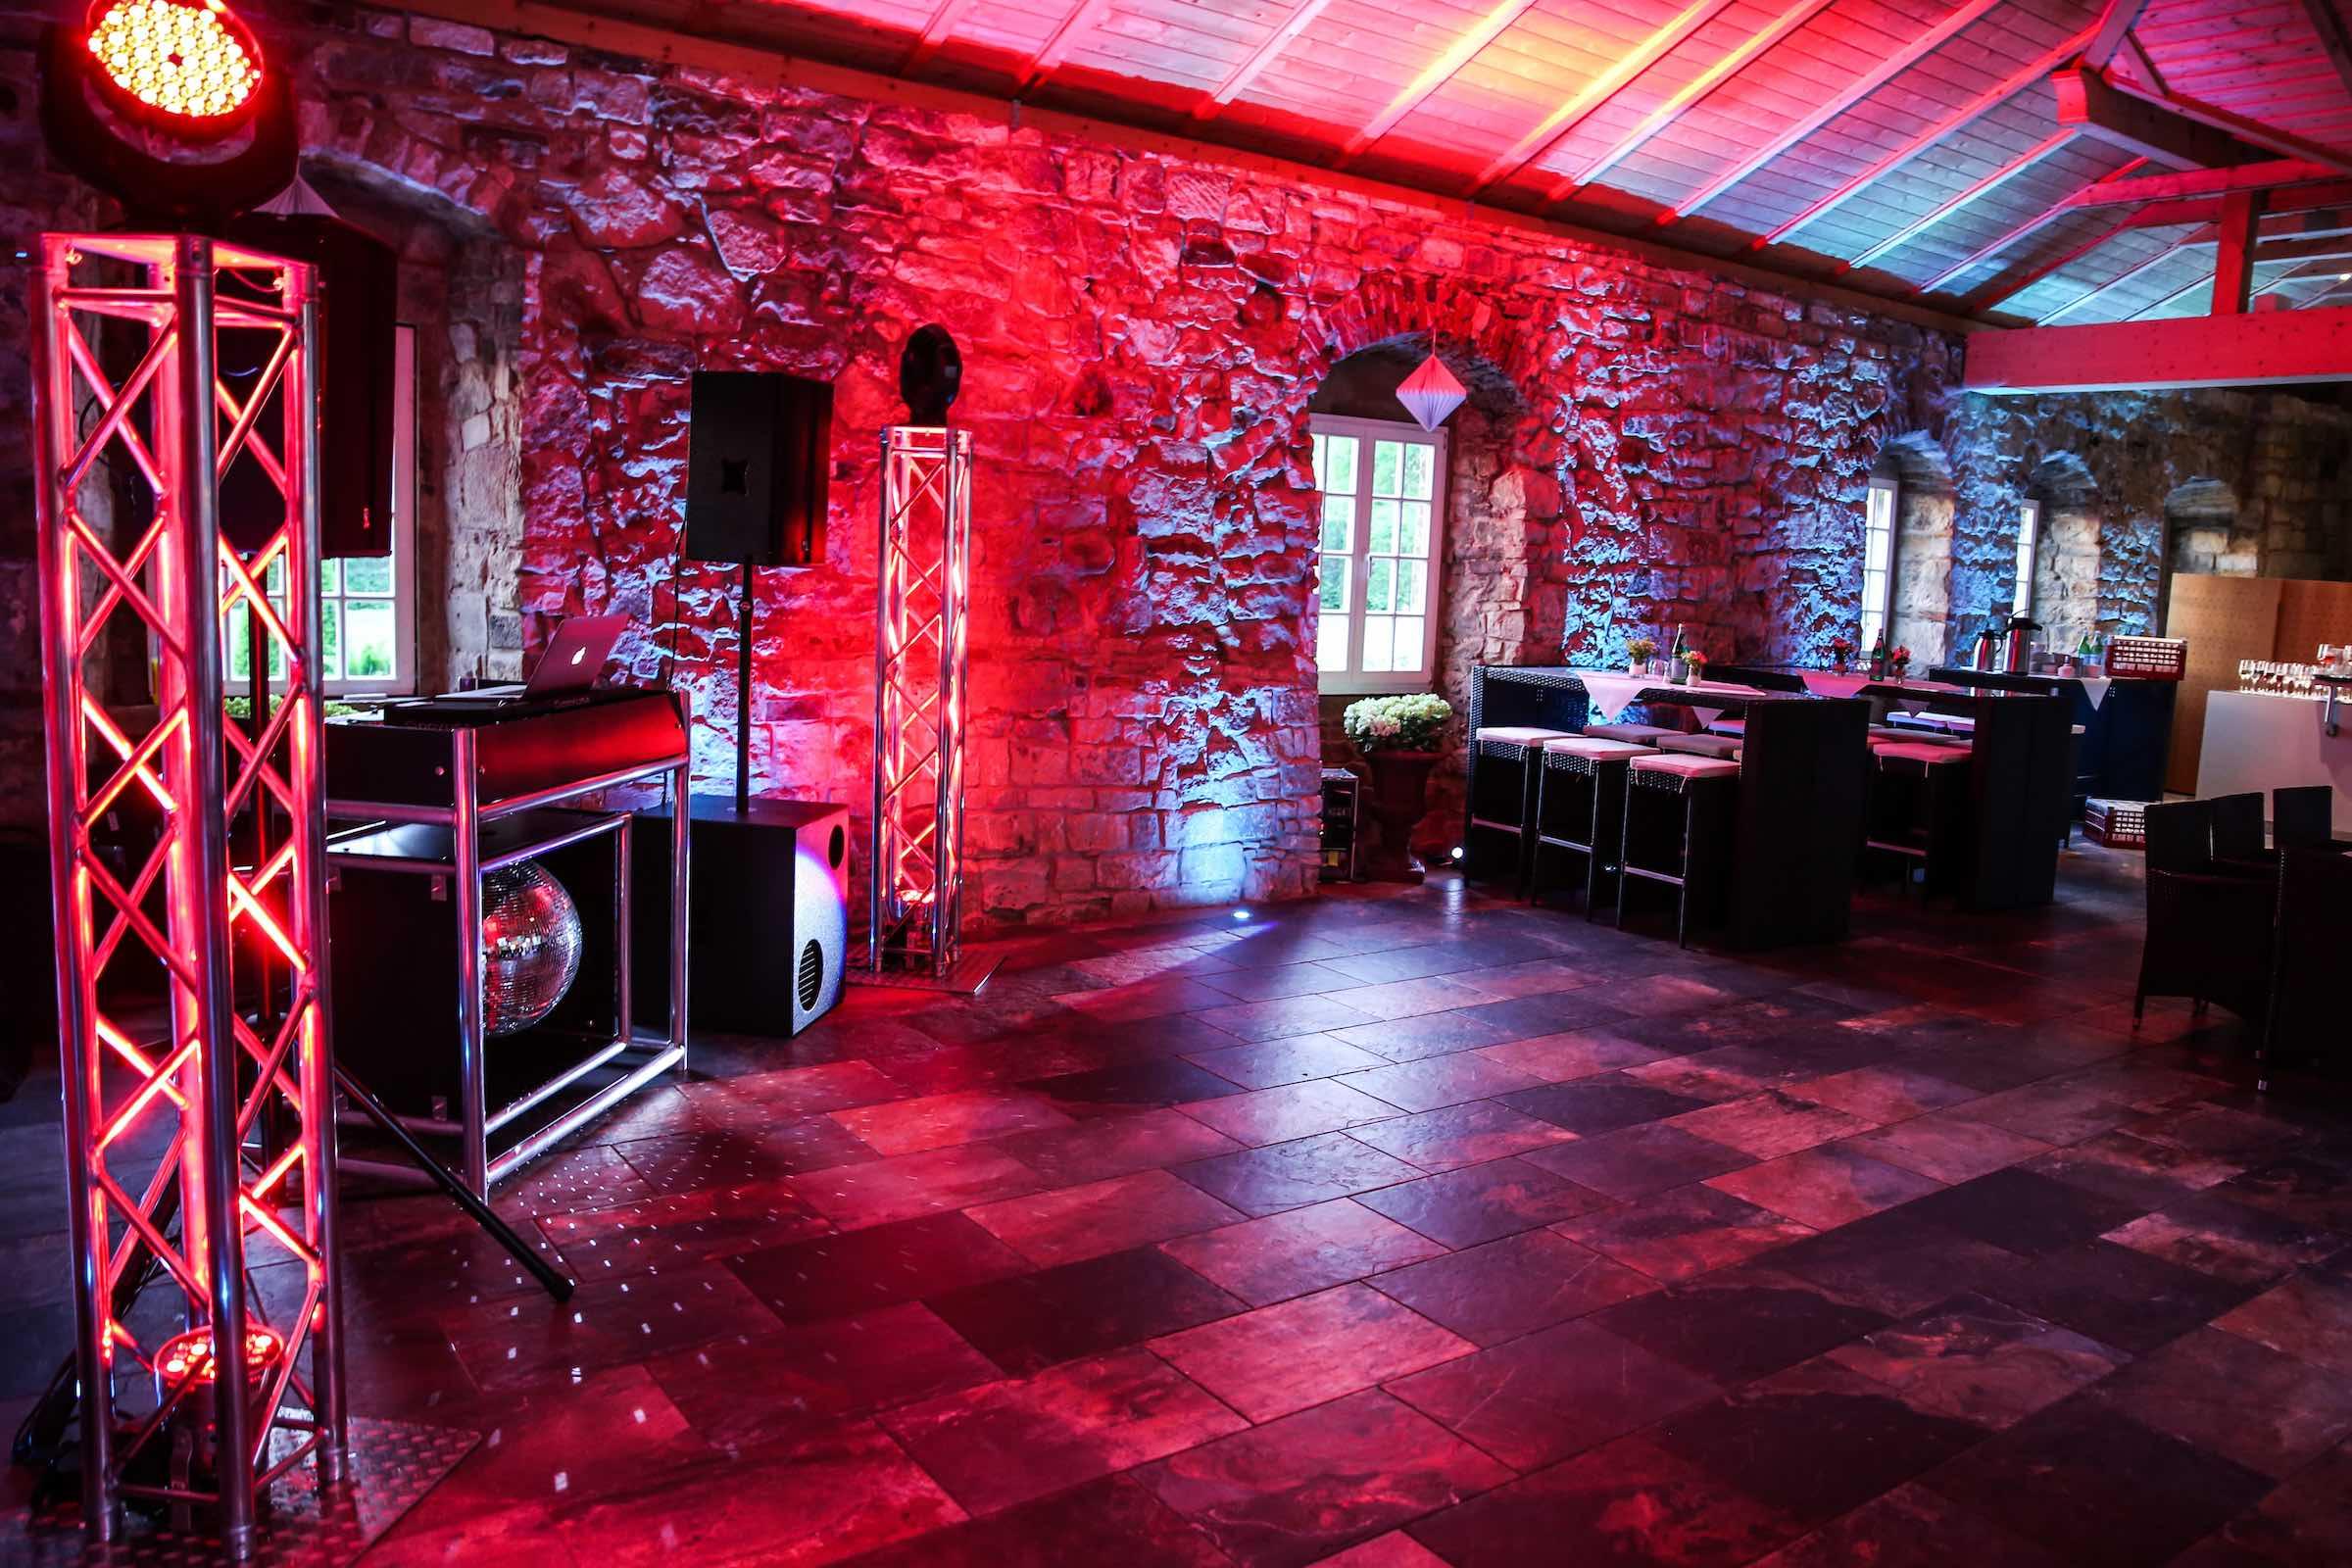 DJ | Hannover | DJ | Technik | DJ | Pult | DJ | Kosten | | DJ | Agentur | Tontechnik | Lichttechnik | Hochzeit | Firmenfeier | Geburtstag | SRaumbeleuchtung | Ambientebeleuchtung | Schloss | Hammerstein | Lehmann | Eventservice